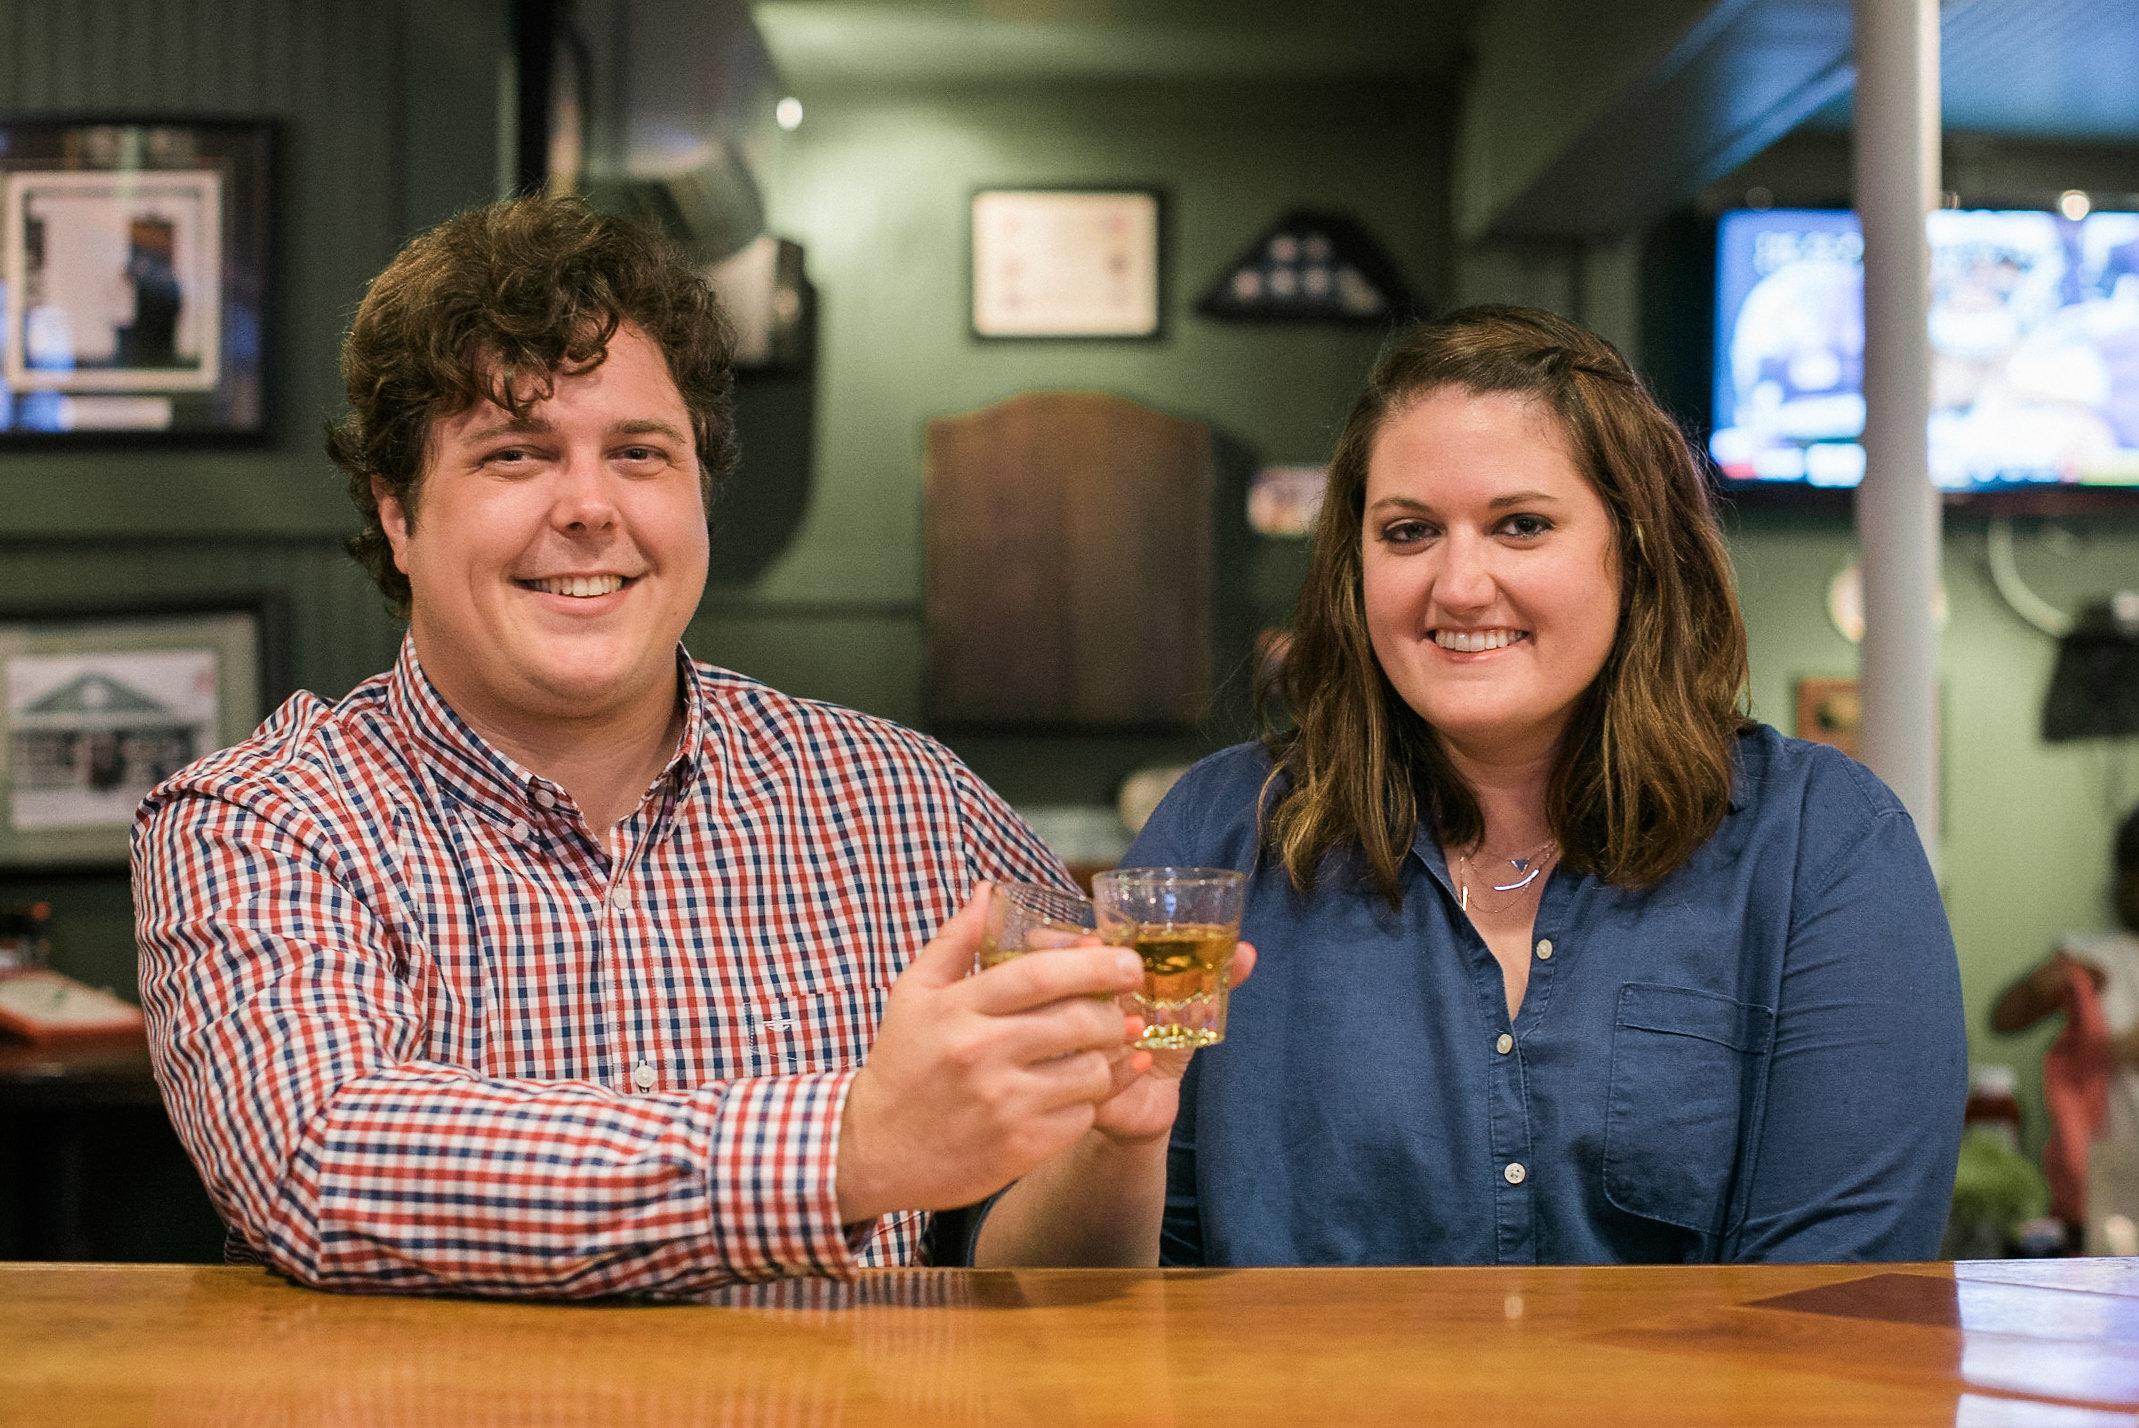 Couple sharing shot of whiskey